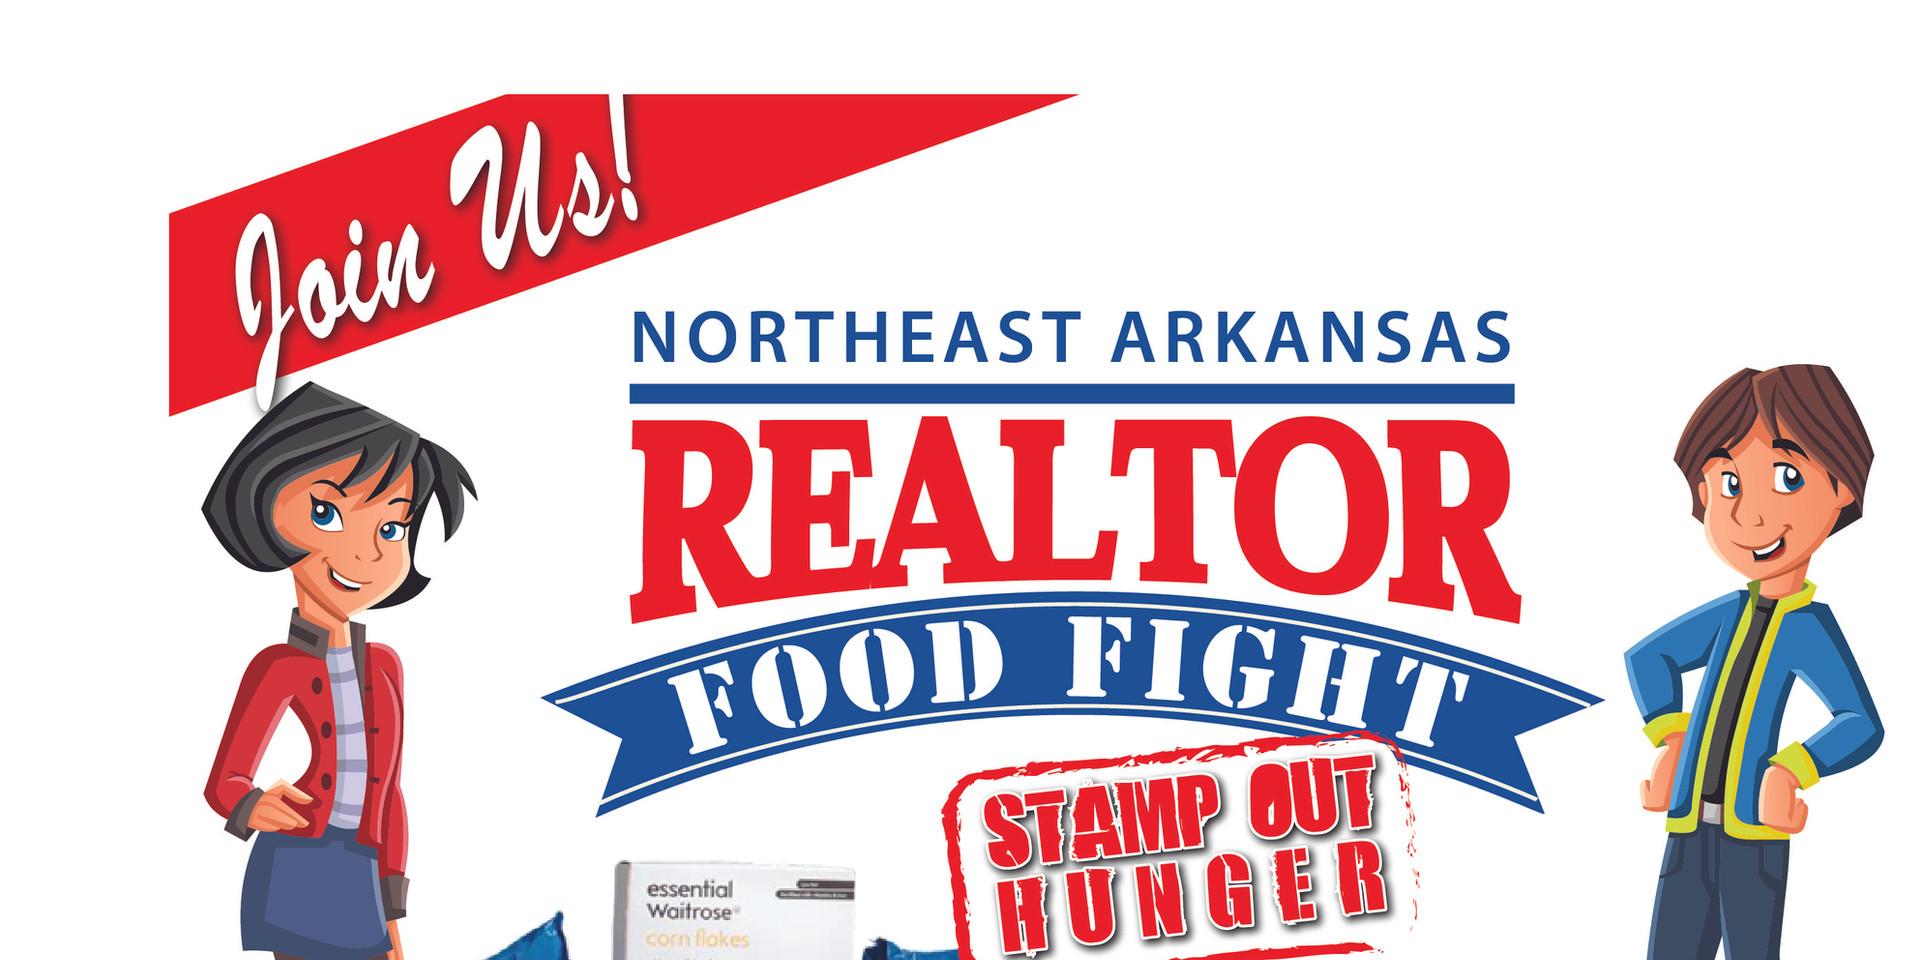 Realtor Food Fight